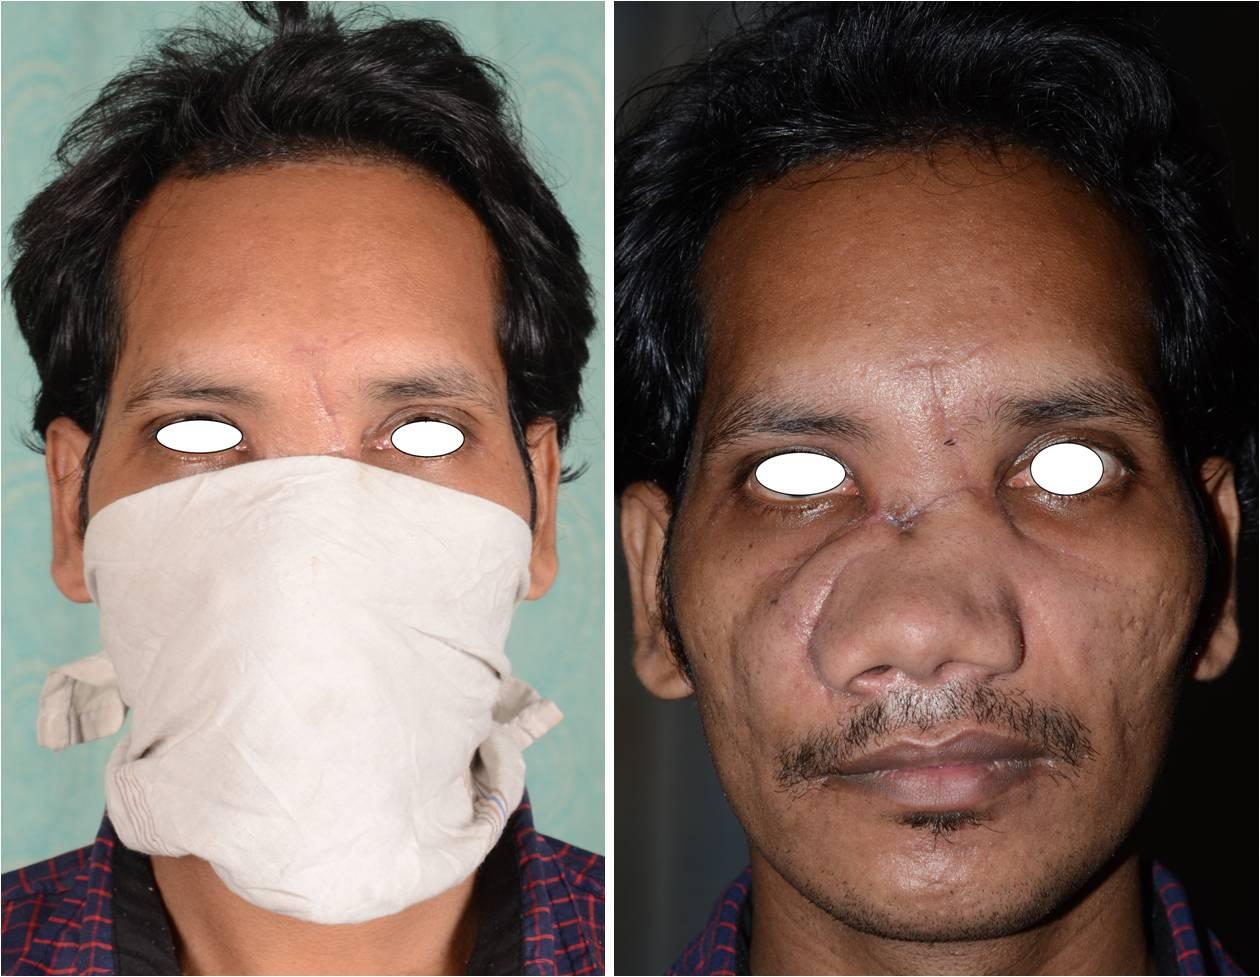 deformed people - photo #9